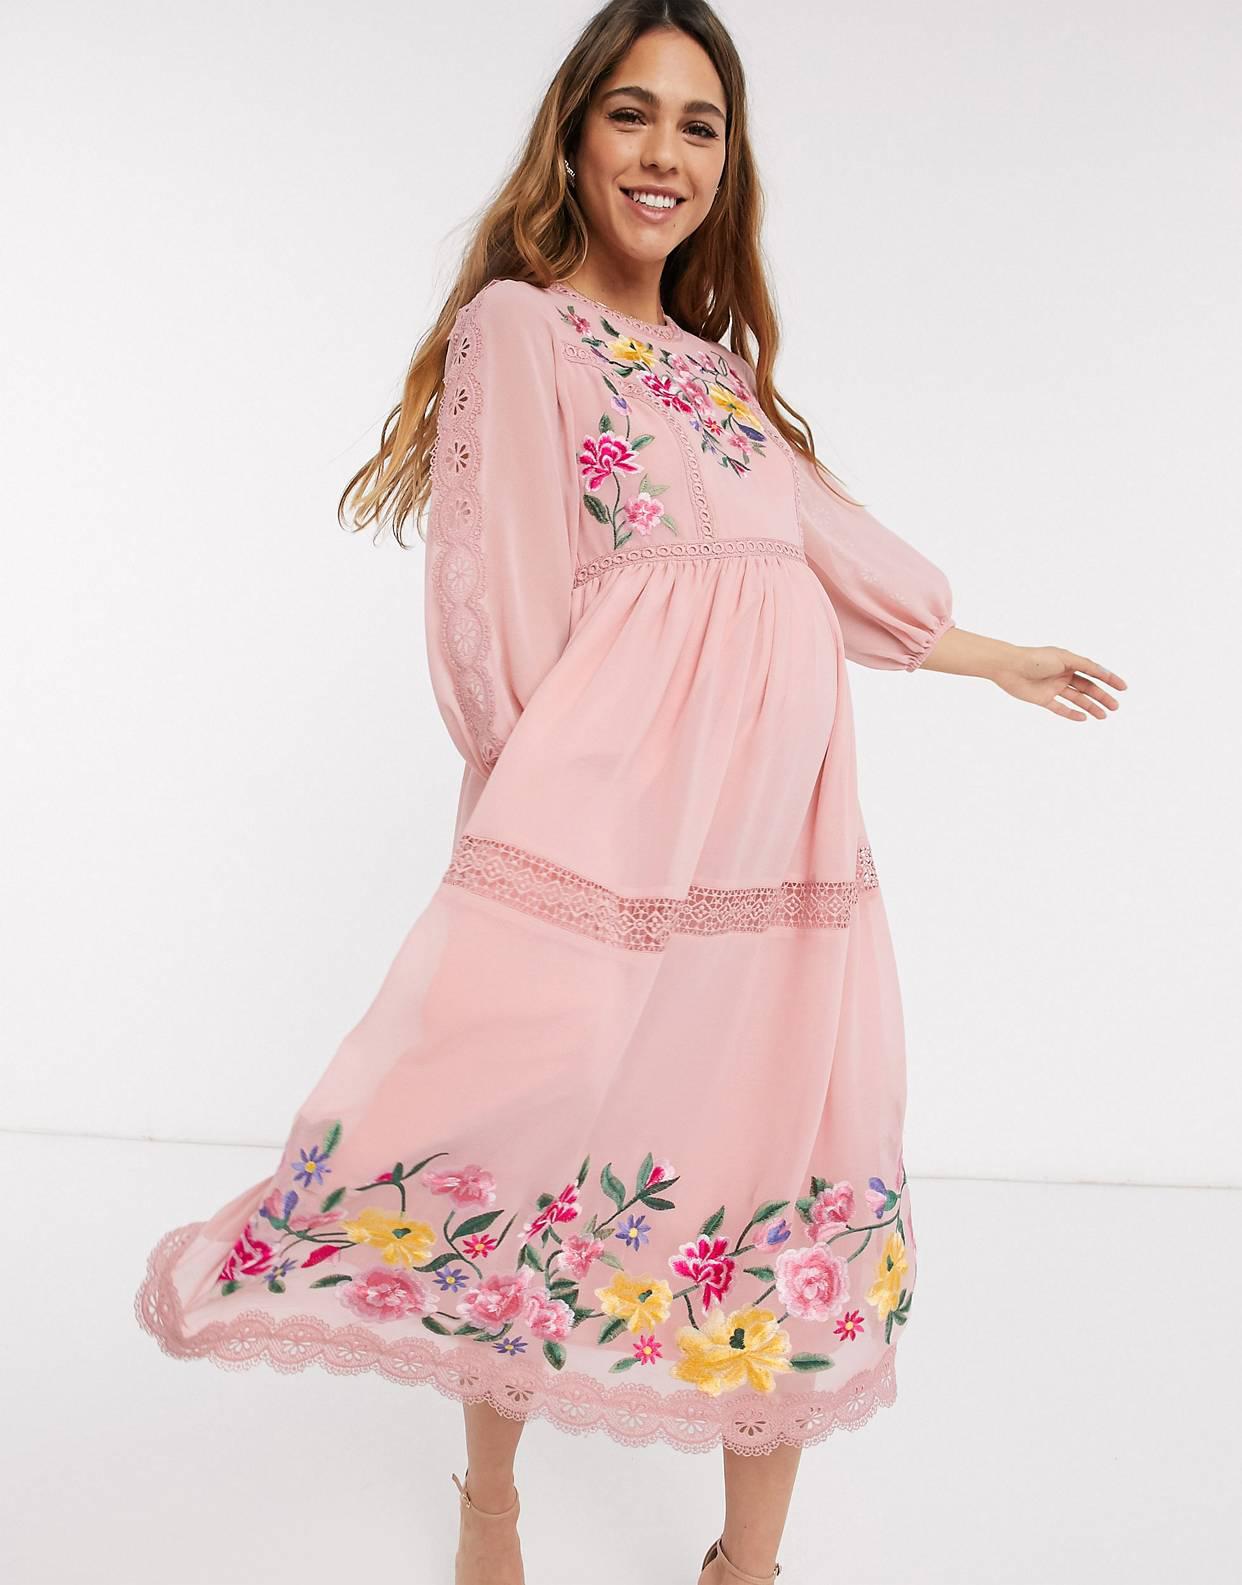 Vestido midi skater con bordados, ribetes de encaje y mangas abullonadas en rosa empolvado de ASOS DESIGN Maternity